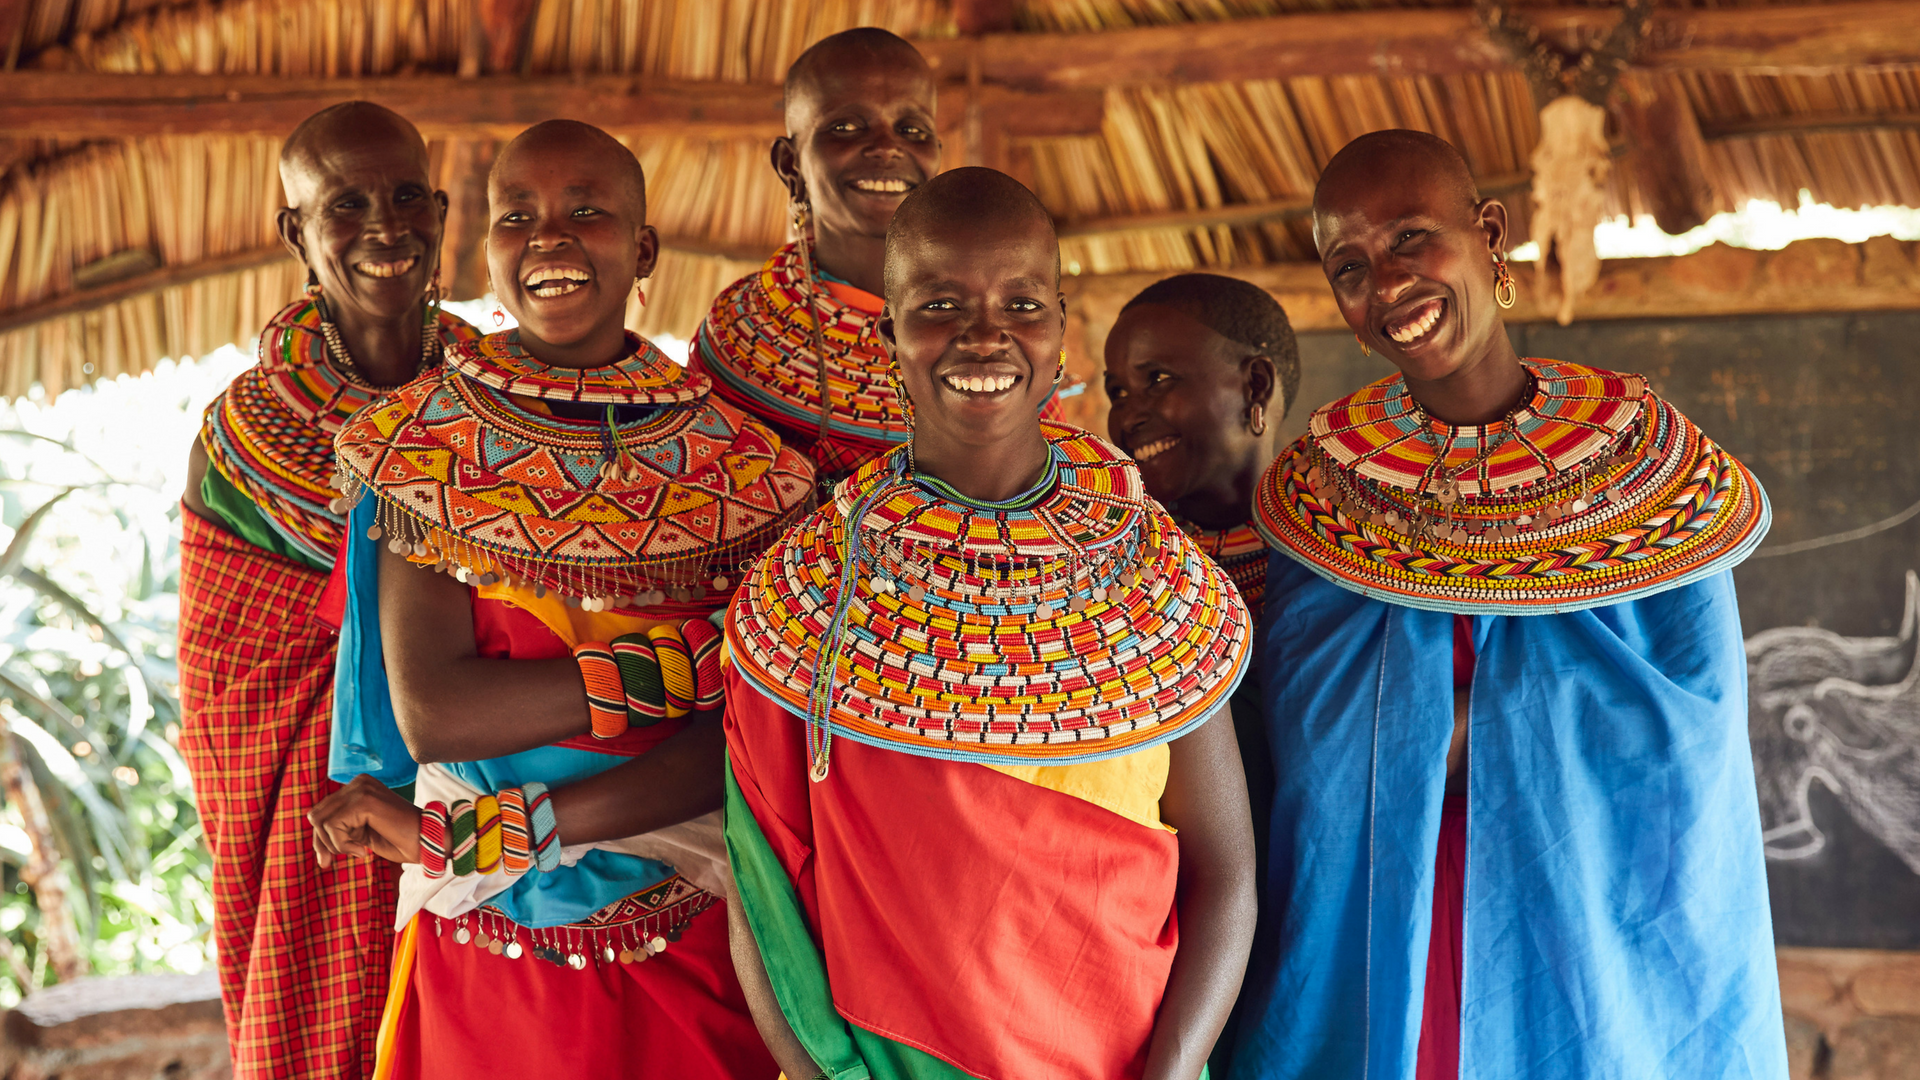 كينيا-النساء في ورشة عمل-loewe